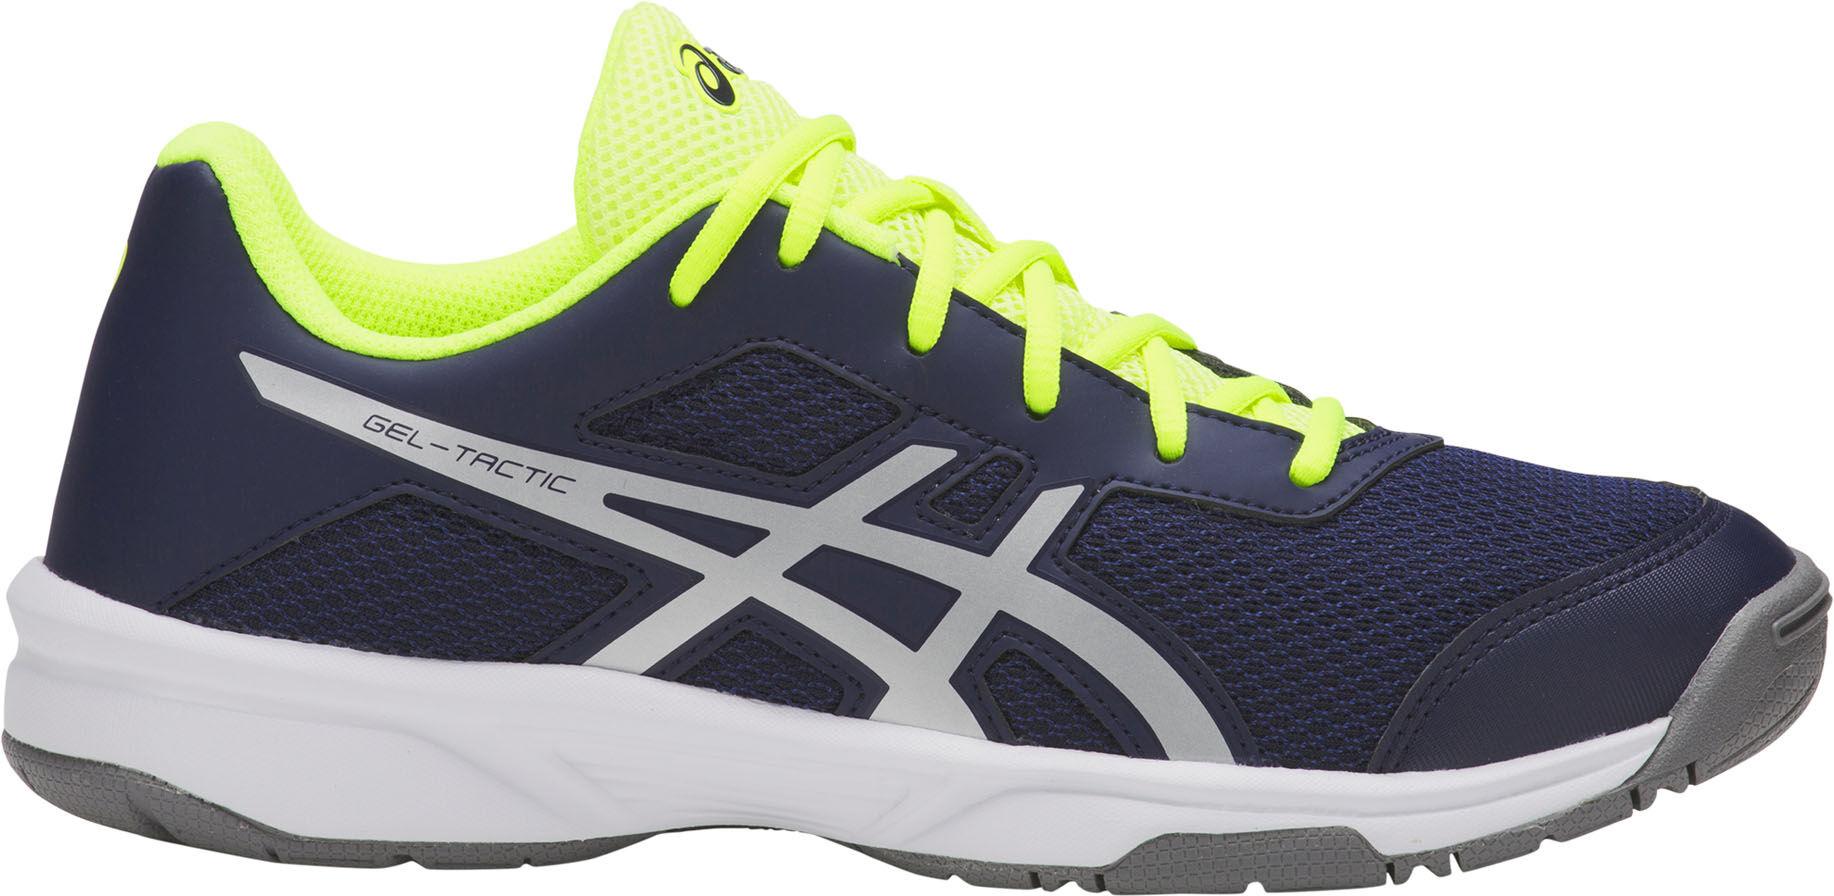 Asics Tennisschoenen kopen? Bekijk de nieuwste collectie